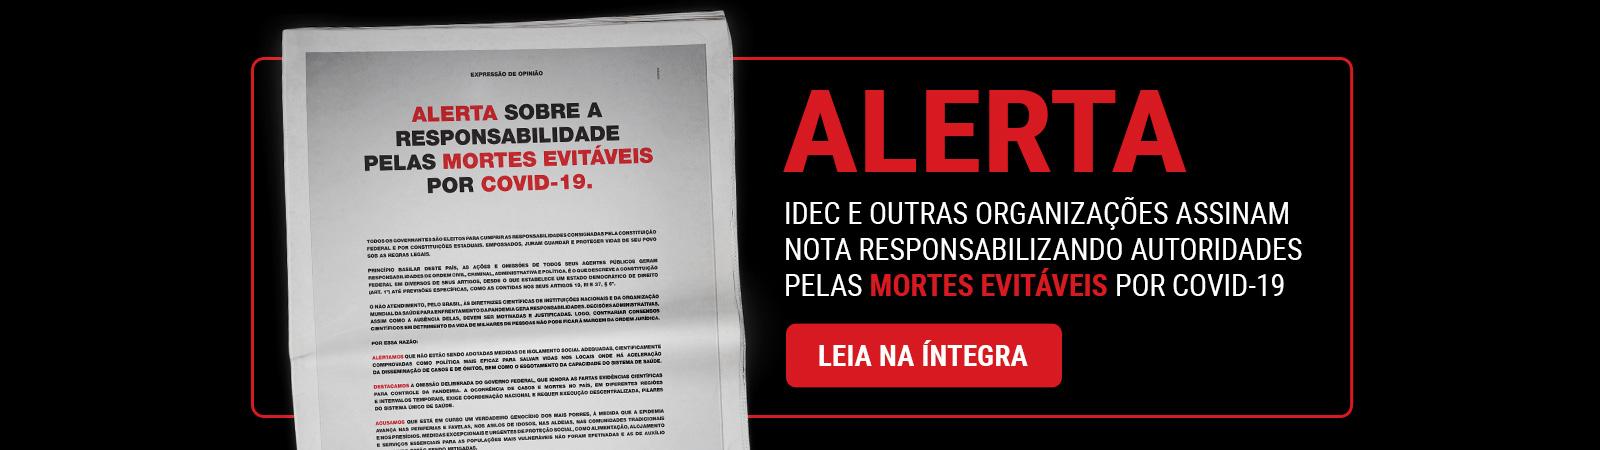 Alerta - Covid